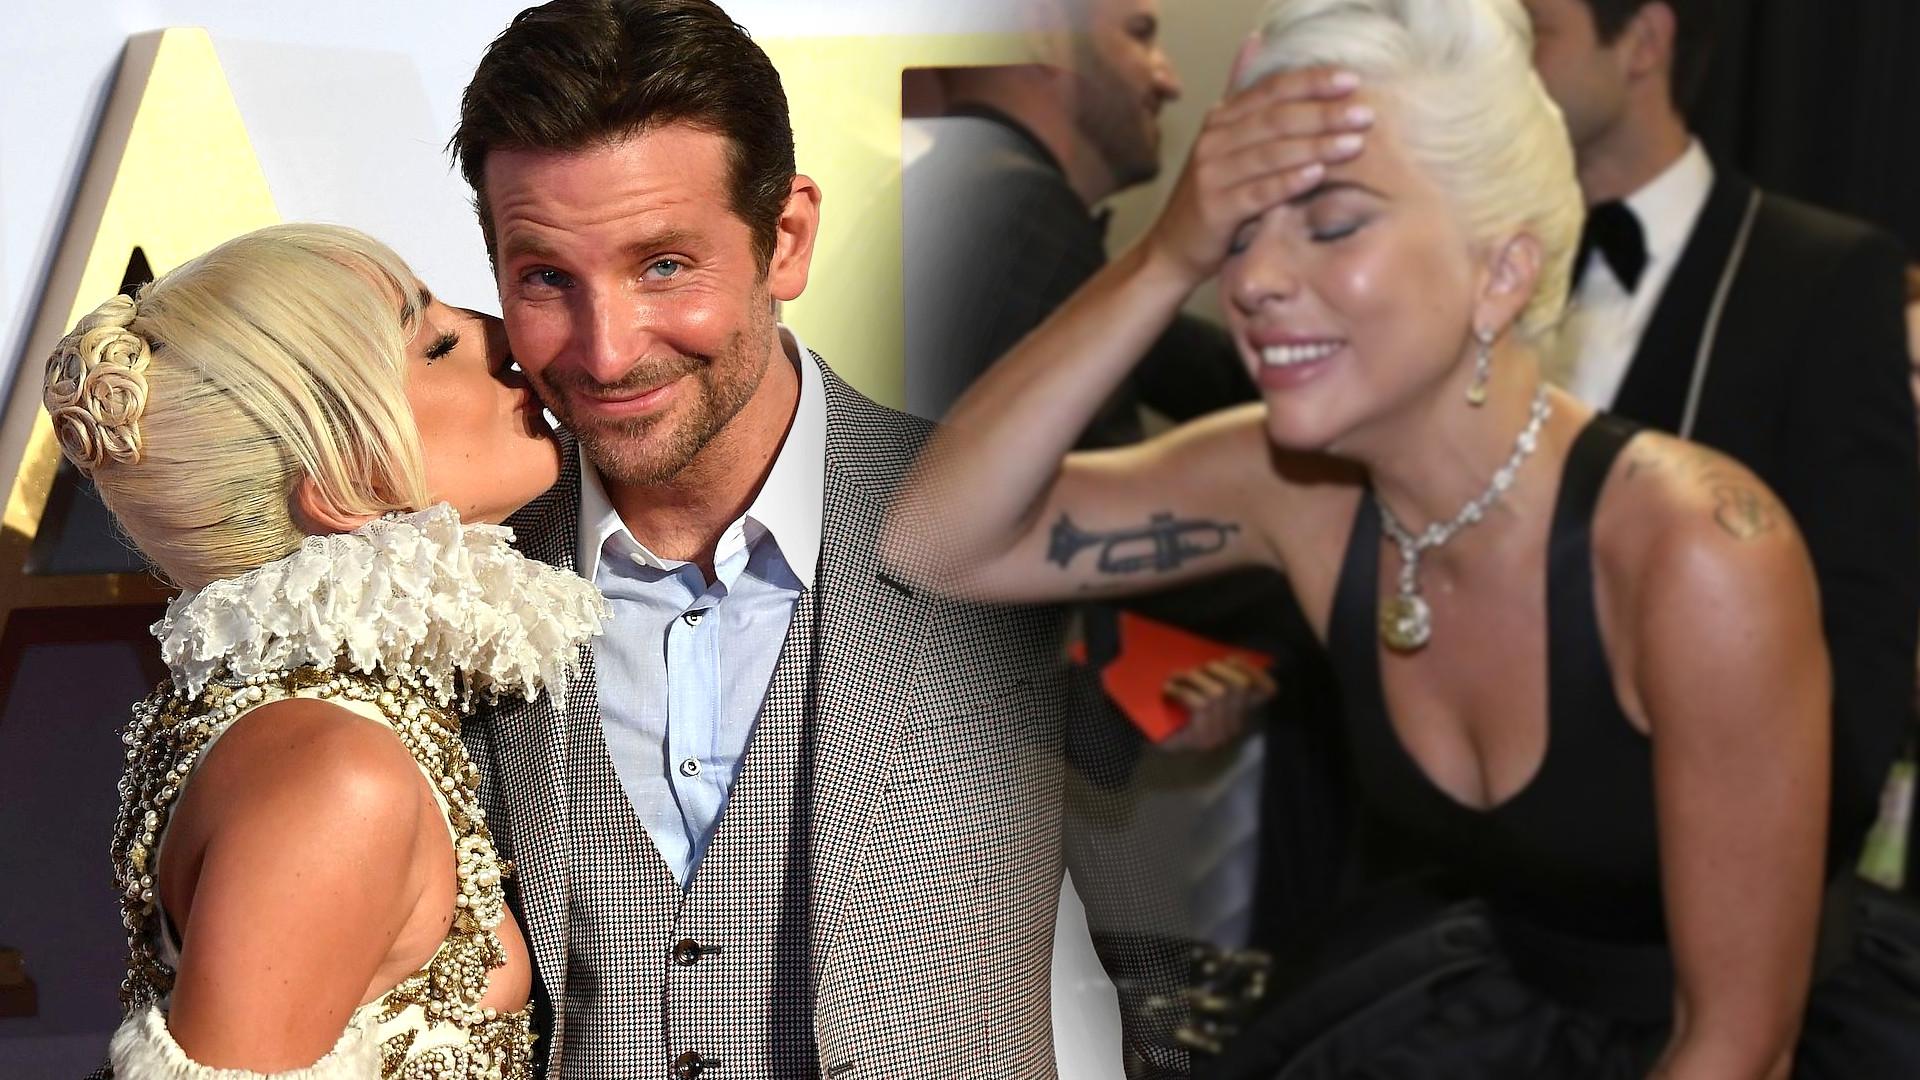 Znajomy zdradza kulisy znajomości Bradleya Coopera i Lady Gagi